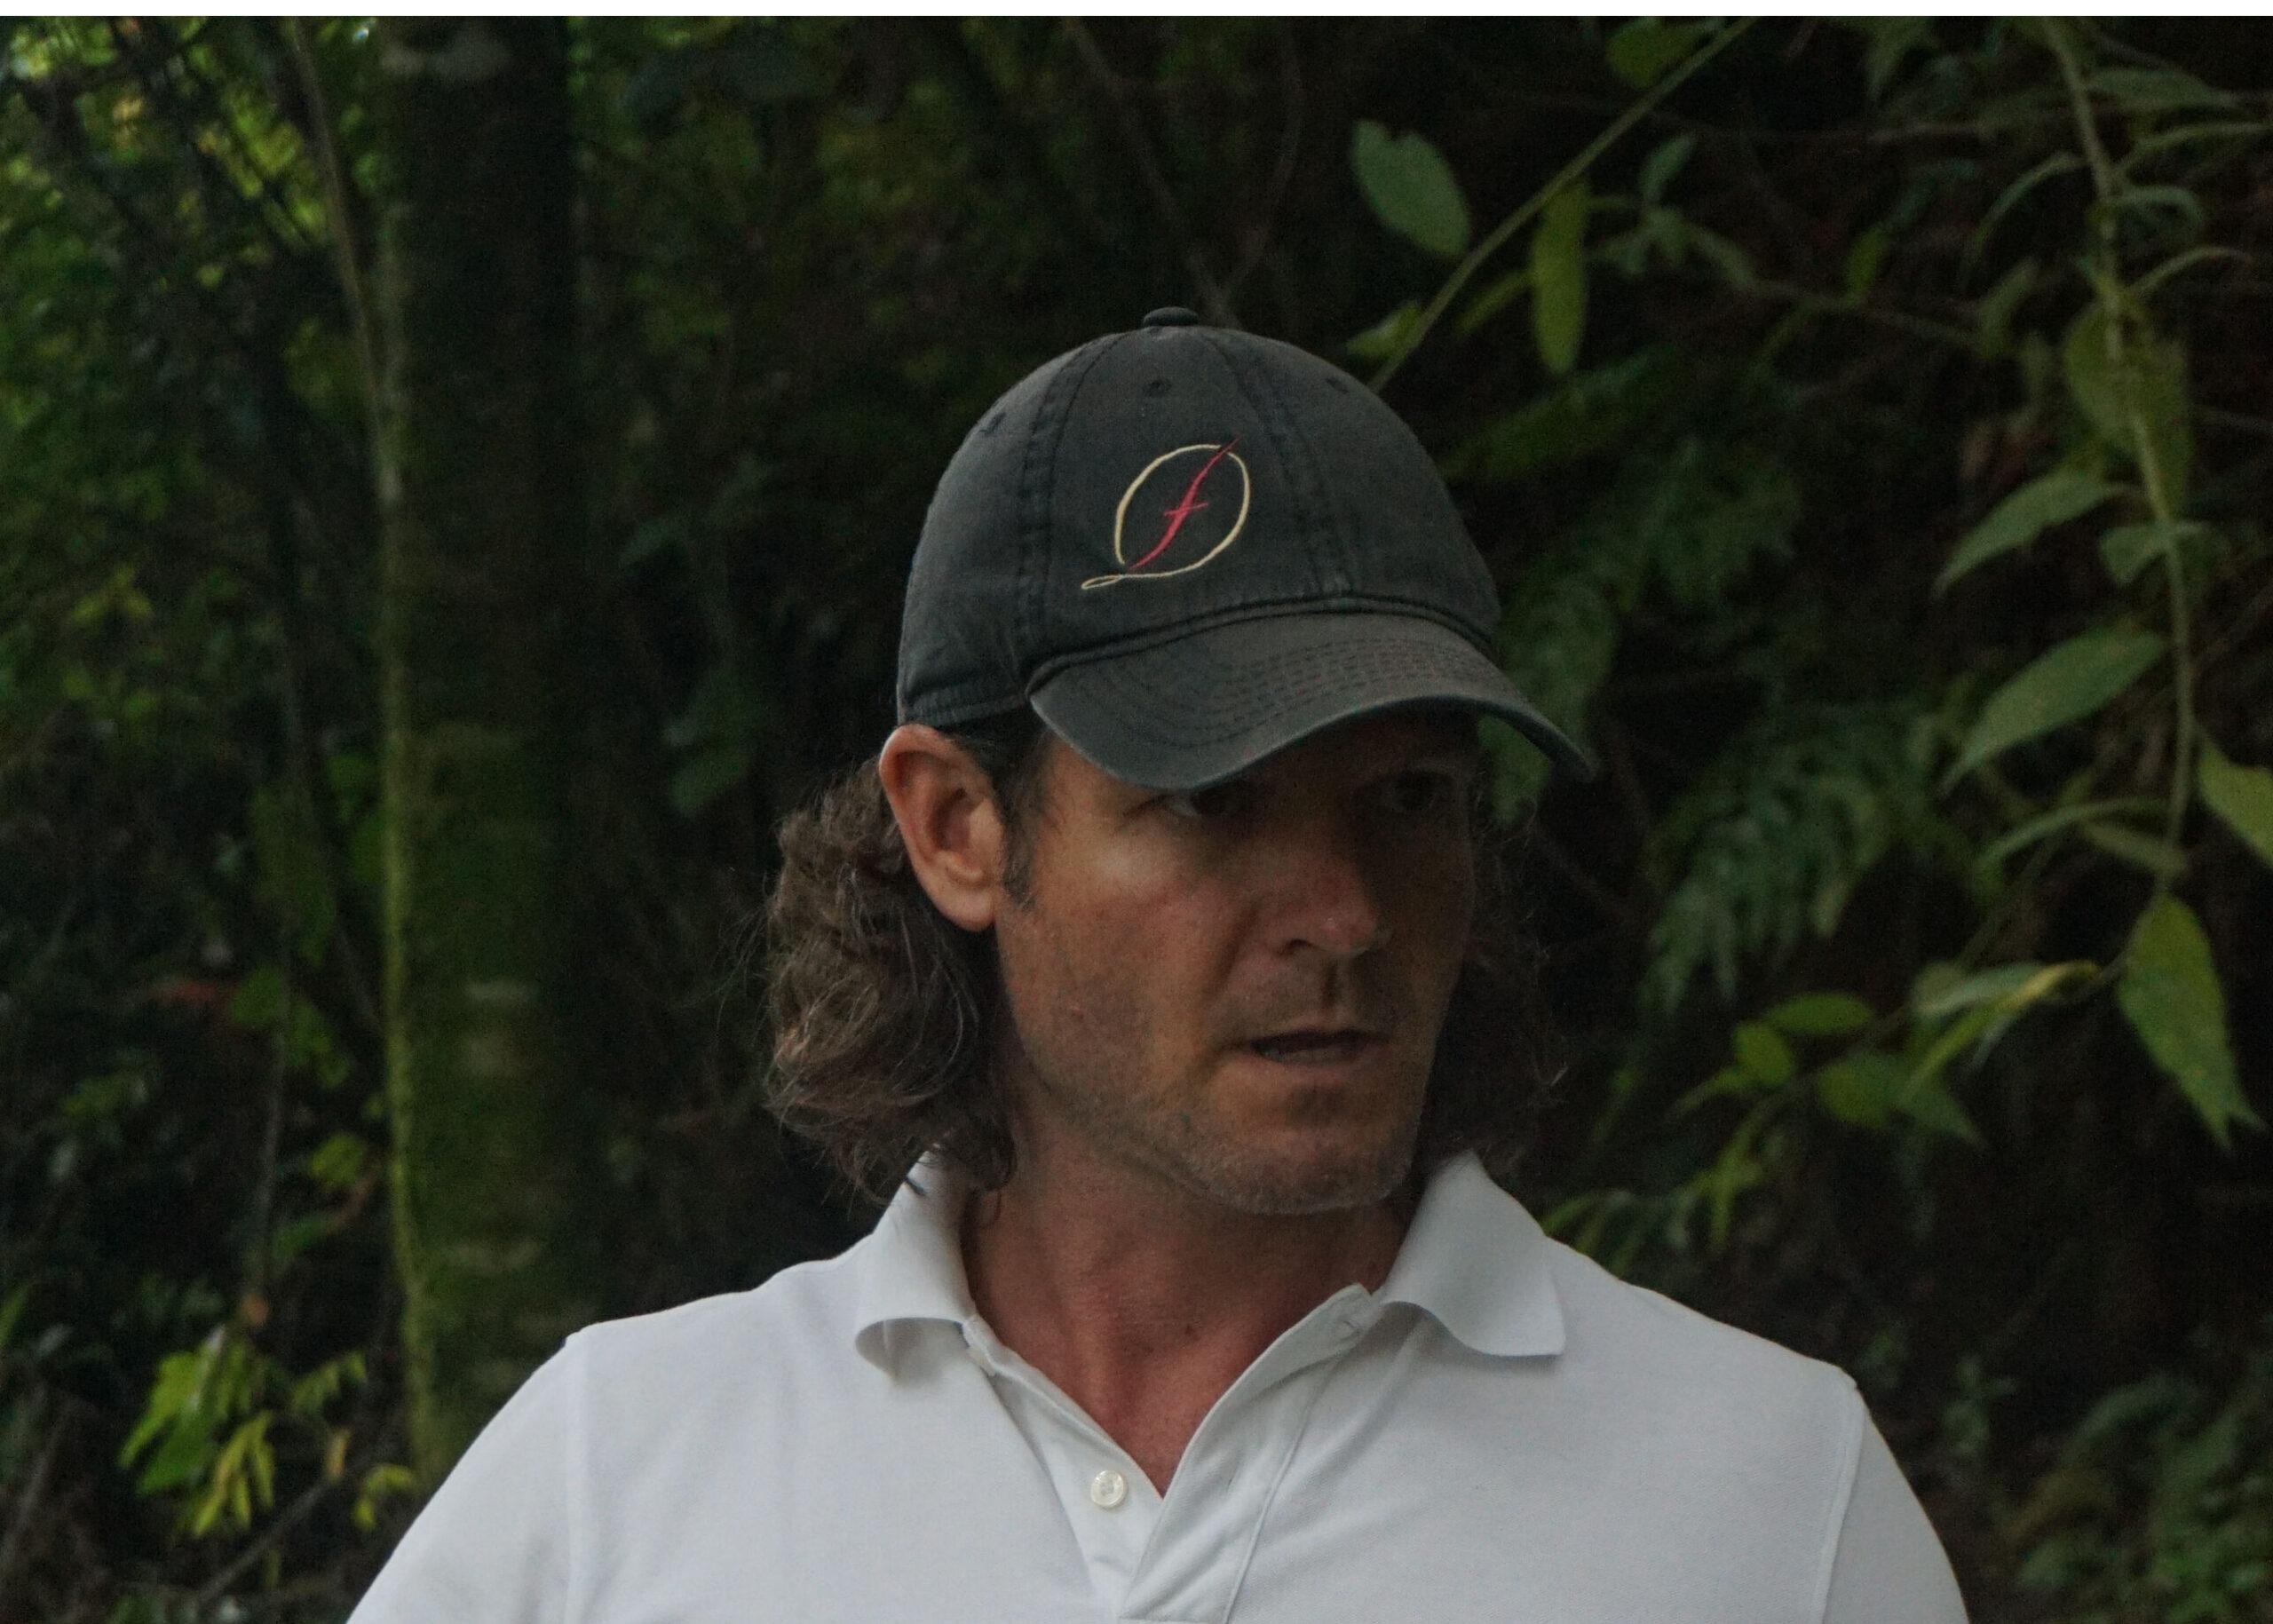 豆ポレポレ:パナマ デボラ農園 ゲイシャ シンビオシス サベージ・コーヒーズ 2020年 ロット 15a